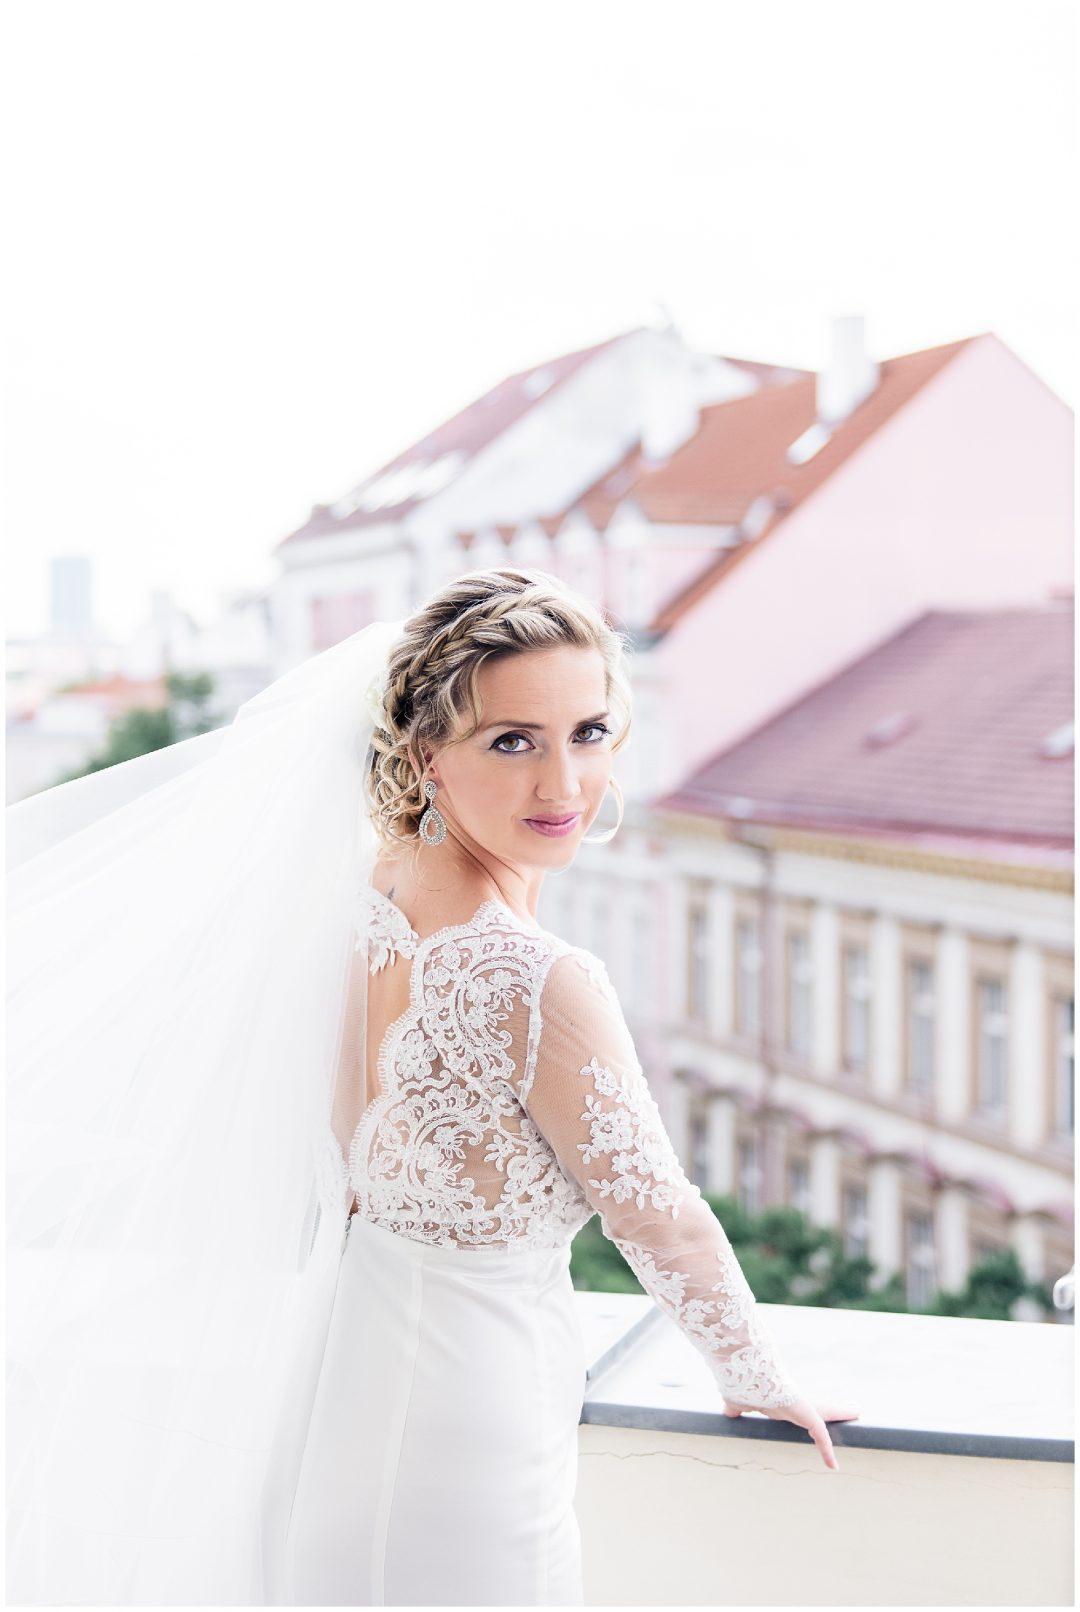 Destination Wedding in Prague | Pav and Steffen - weddings - Destination wedding Prague wedding Nkima Photography 0012